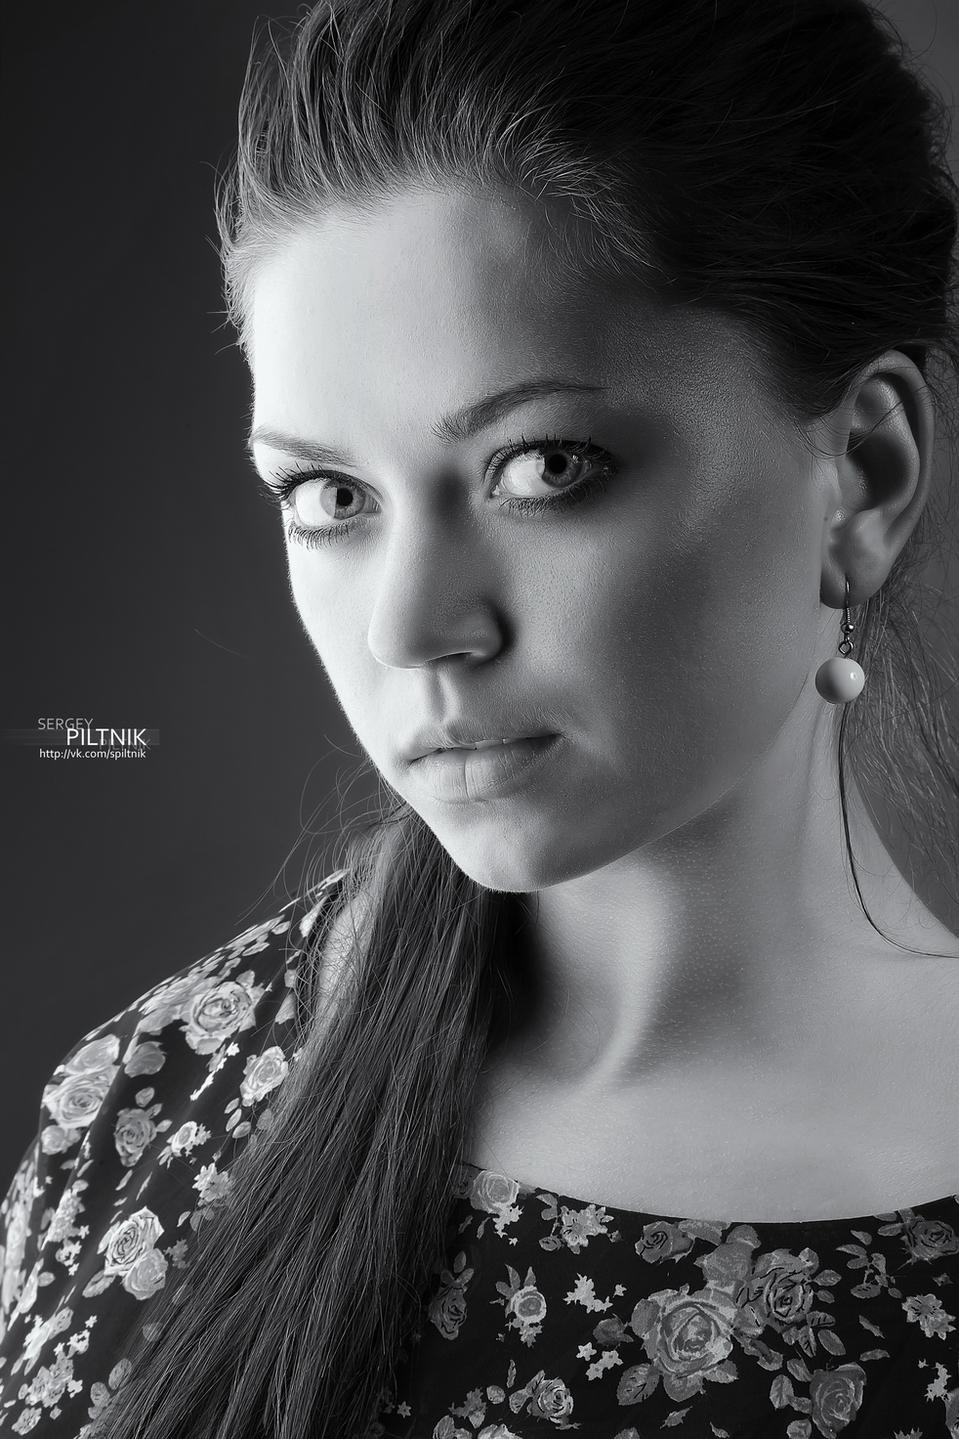 She looks like Mila | Mila Kunis, black & white, cute girl